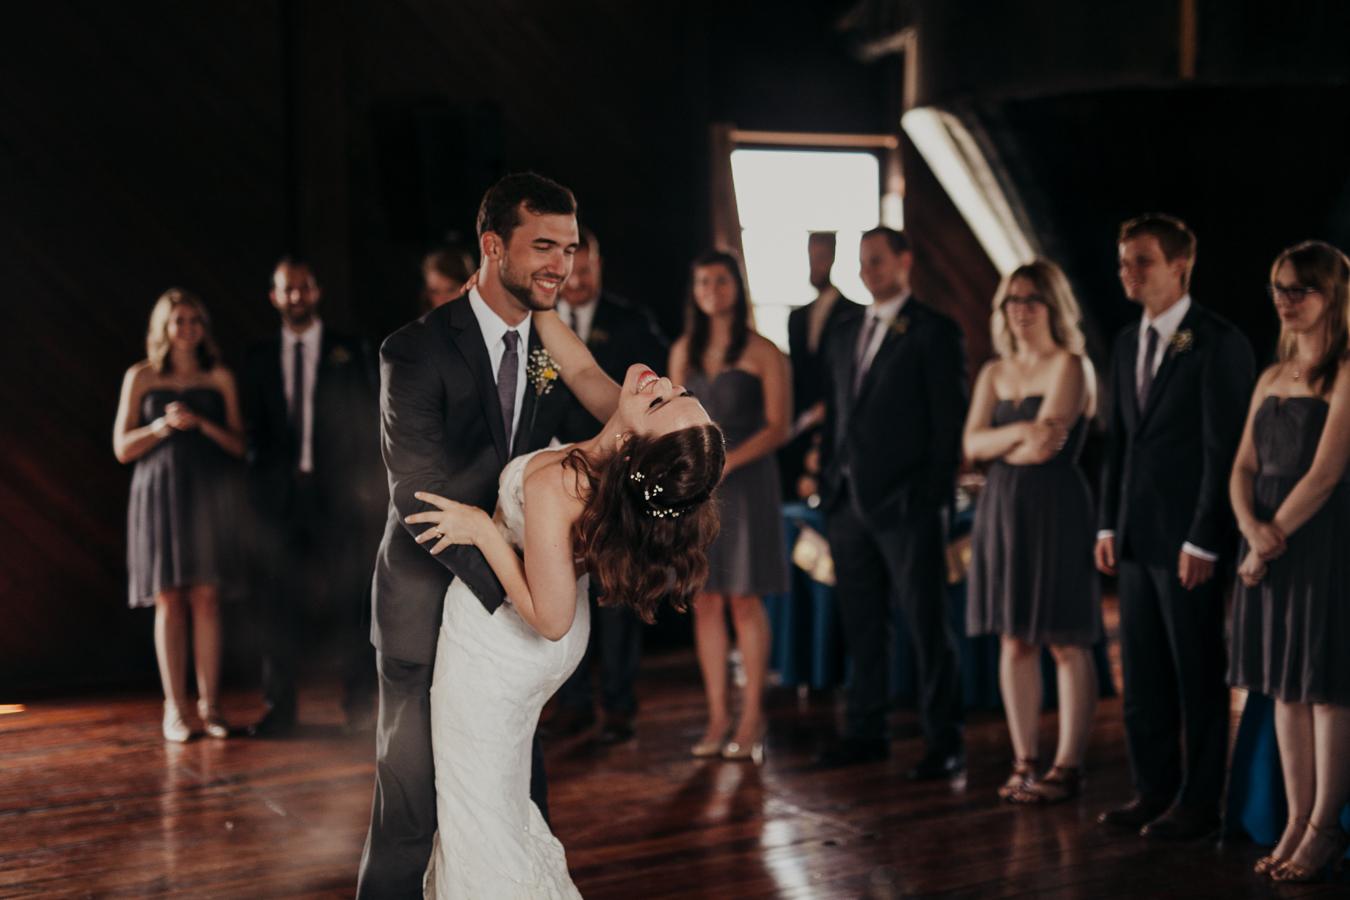 Nashville Wedding Photograpger - Photography Anthology-116.jpg